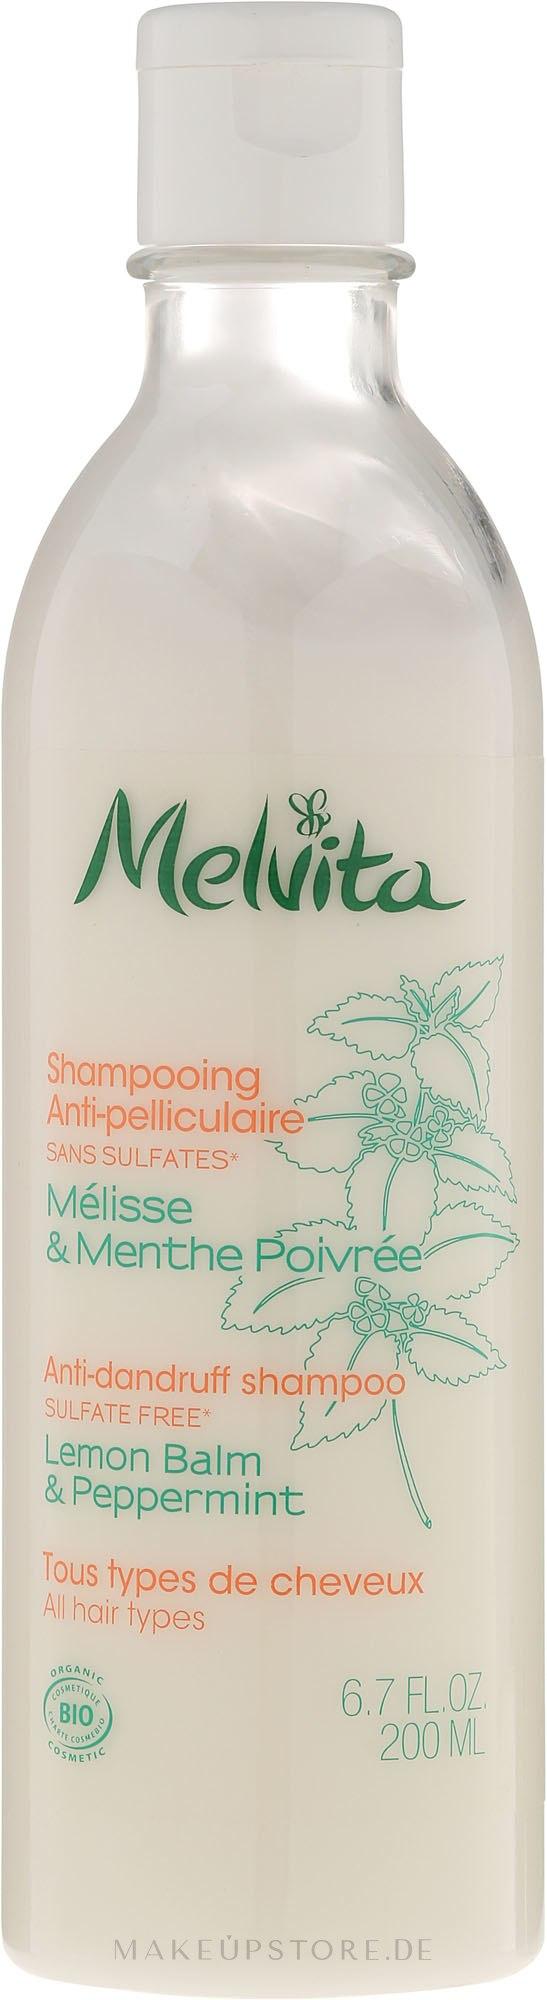 Anti-Schuppen Shampoo mit Zitronenmelisse und Pfefferminze - Melvita Anti-dandruff Shampoo — Bild 200 ml